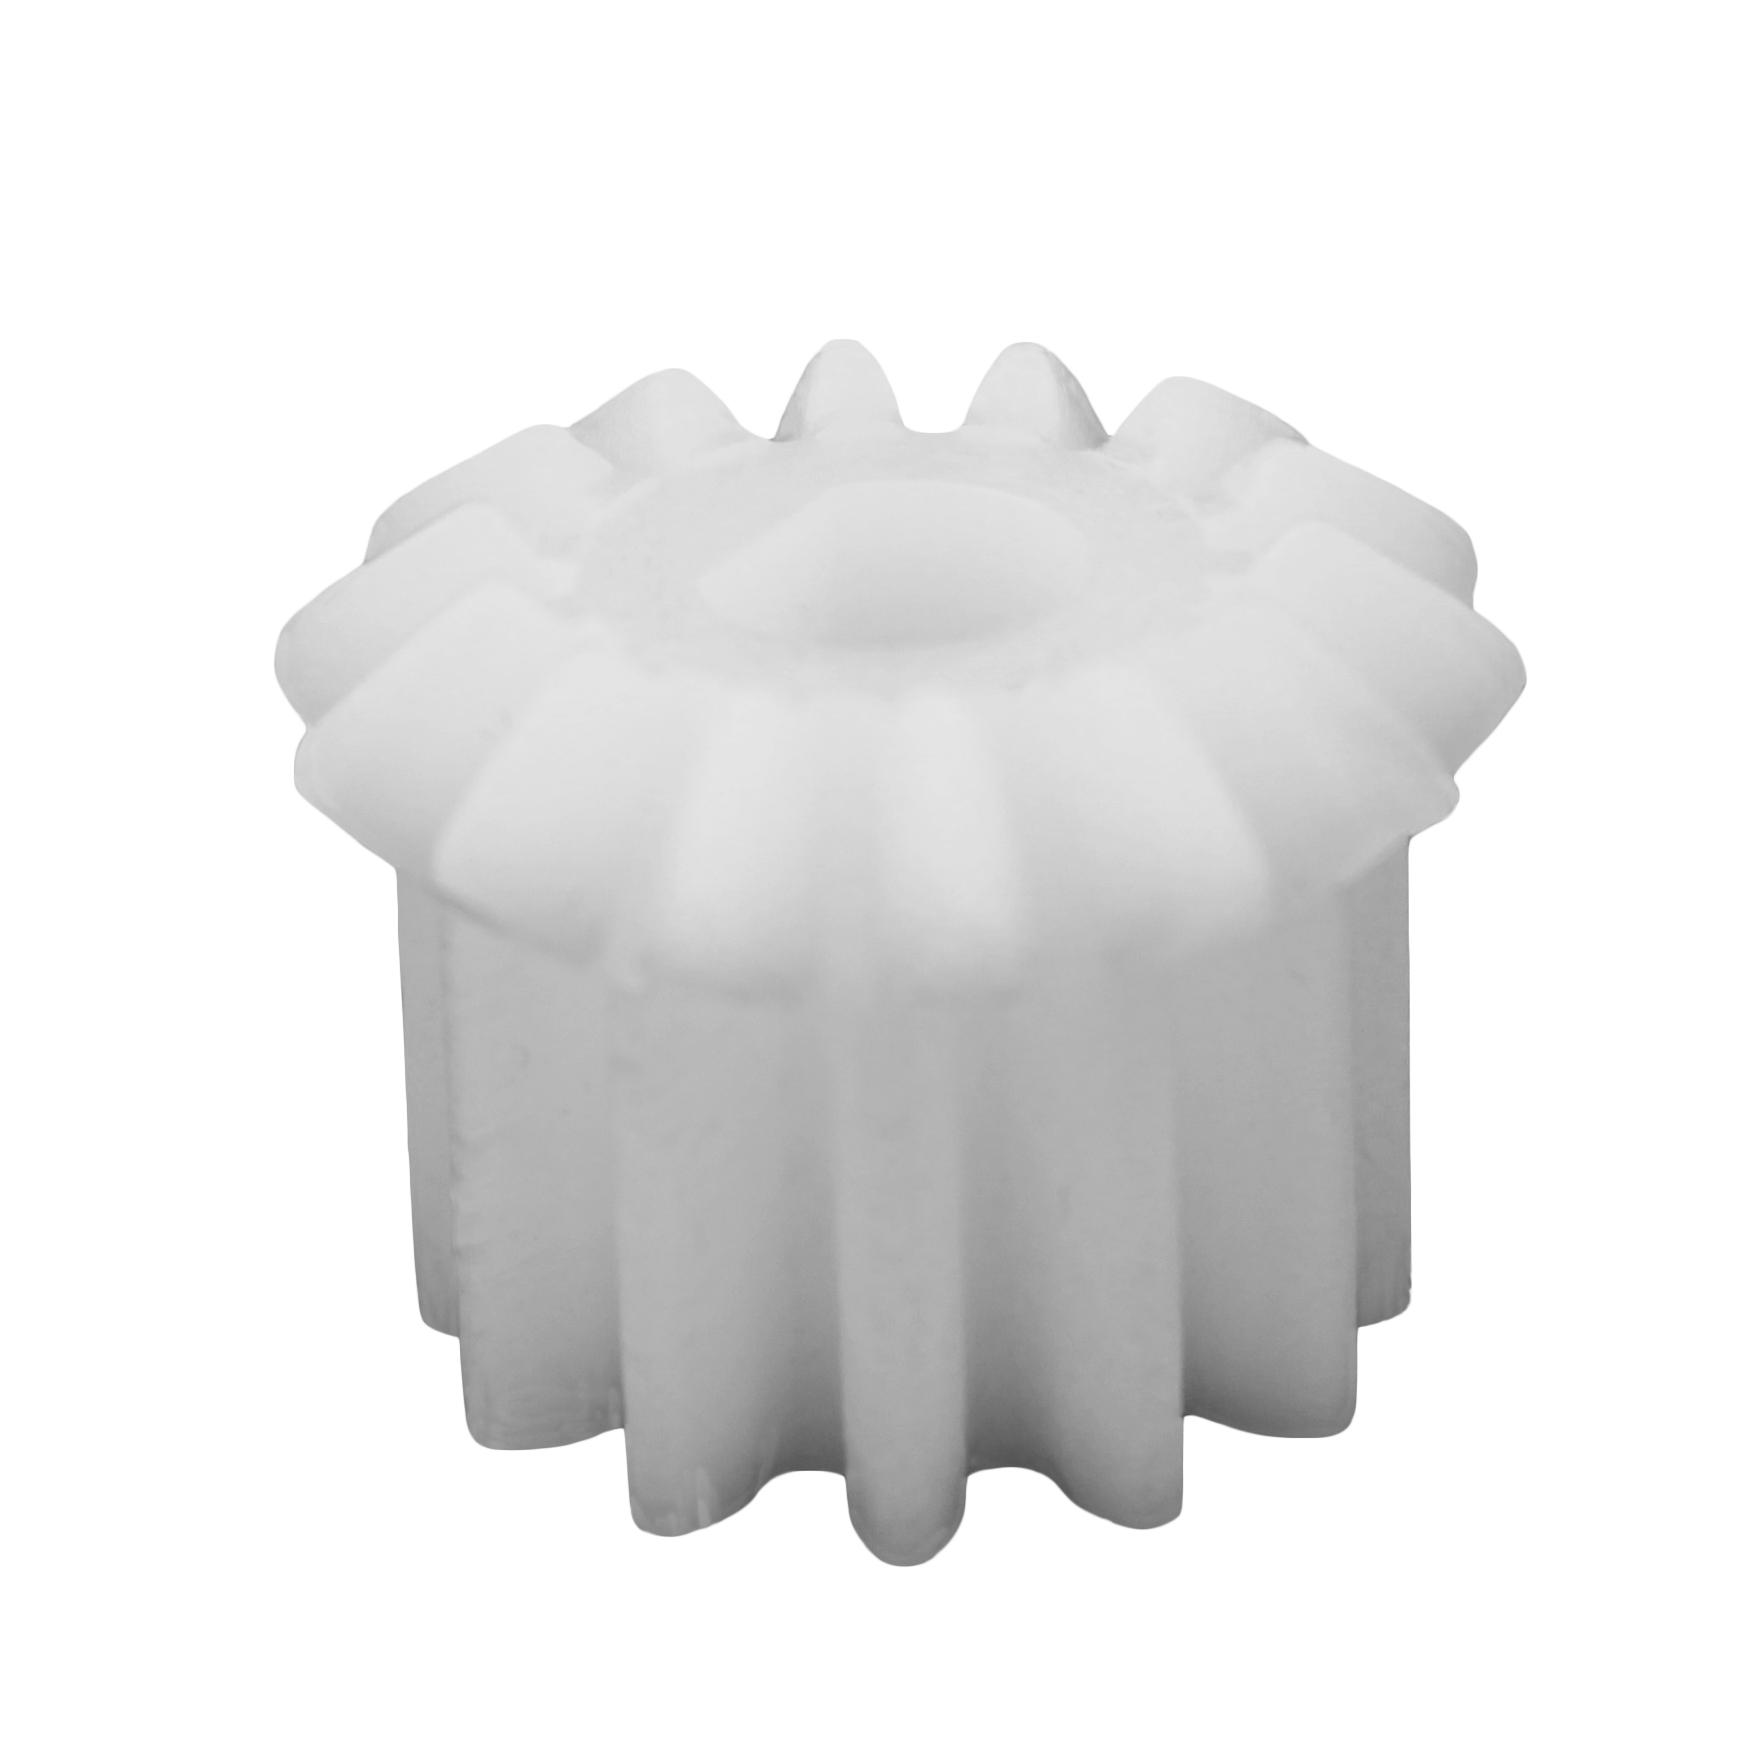 Piñón de plástico Módulo 1.500, Dientes 12Z, Forma recto